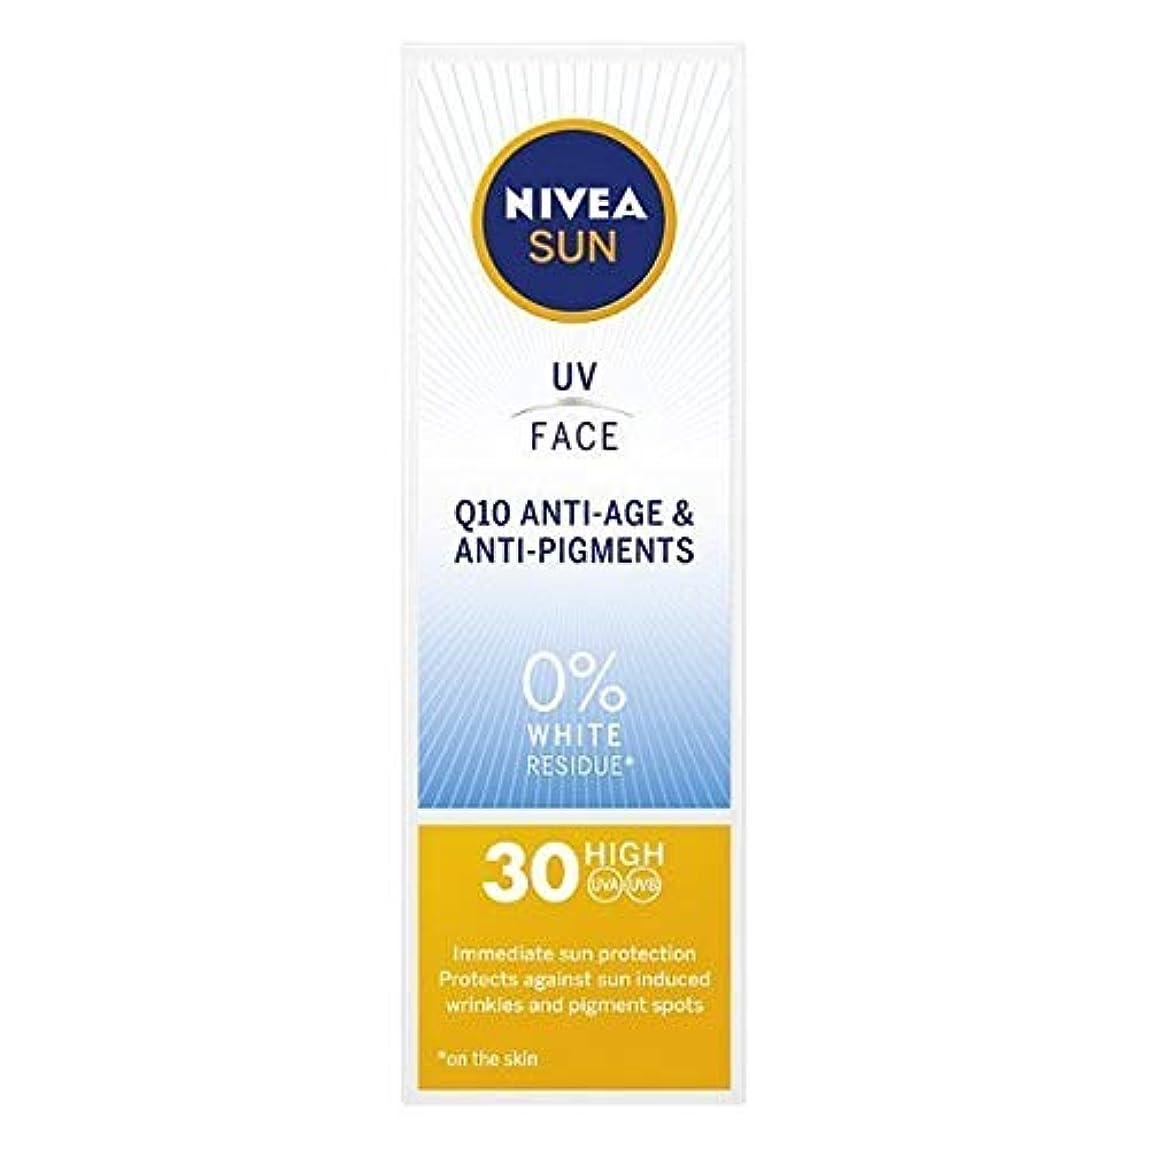 形滅多つかいます[Nivea ] ニベアサンUvフェイスSpf 30 Q10抗加齢&抗顔料50ミリリットル - NIVEA SUN UV Face SPF 30 Q10 Anti-Age & Anti-Pigments 50ml [並行輸入品]